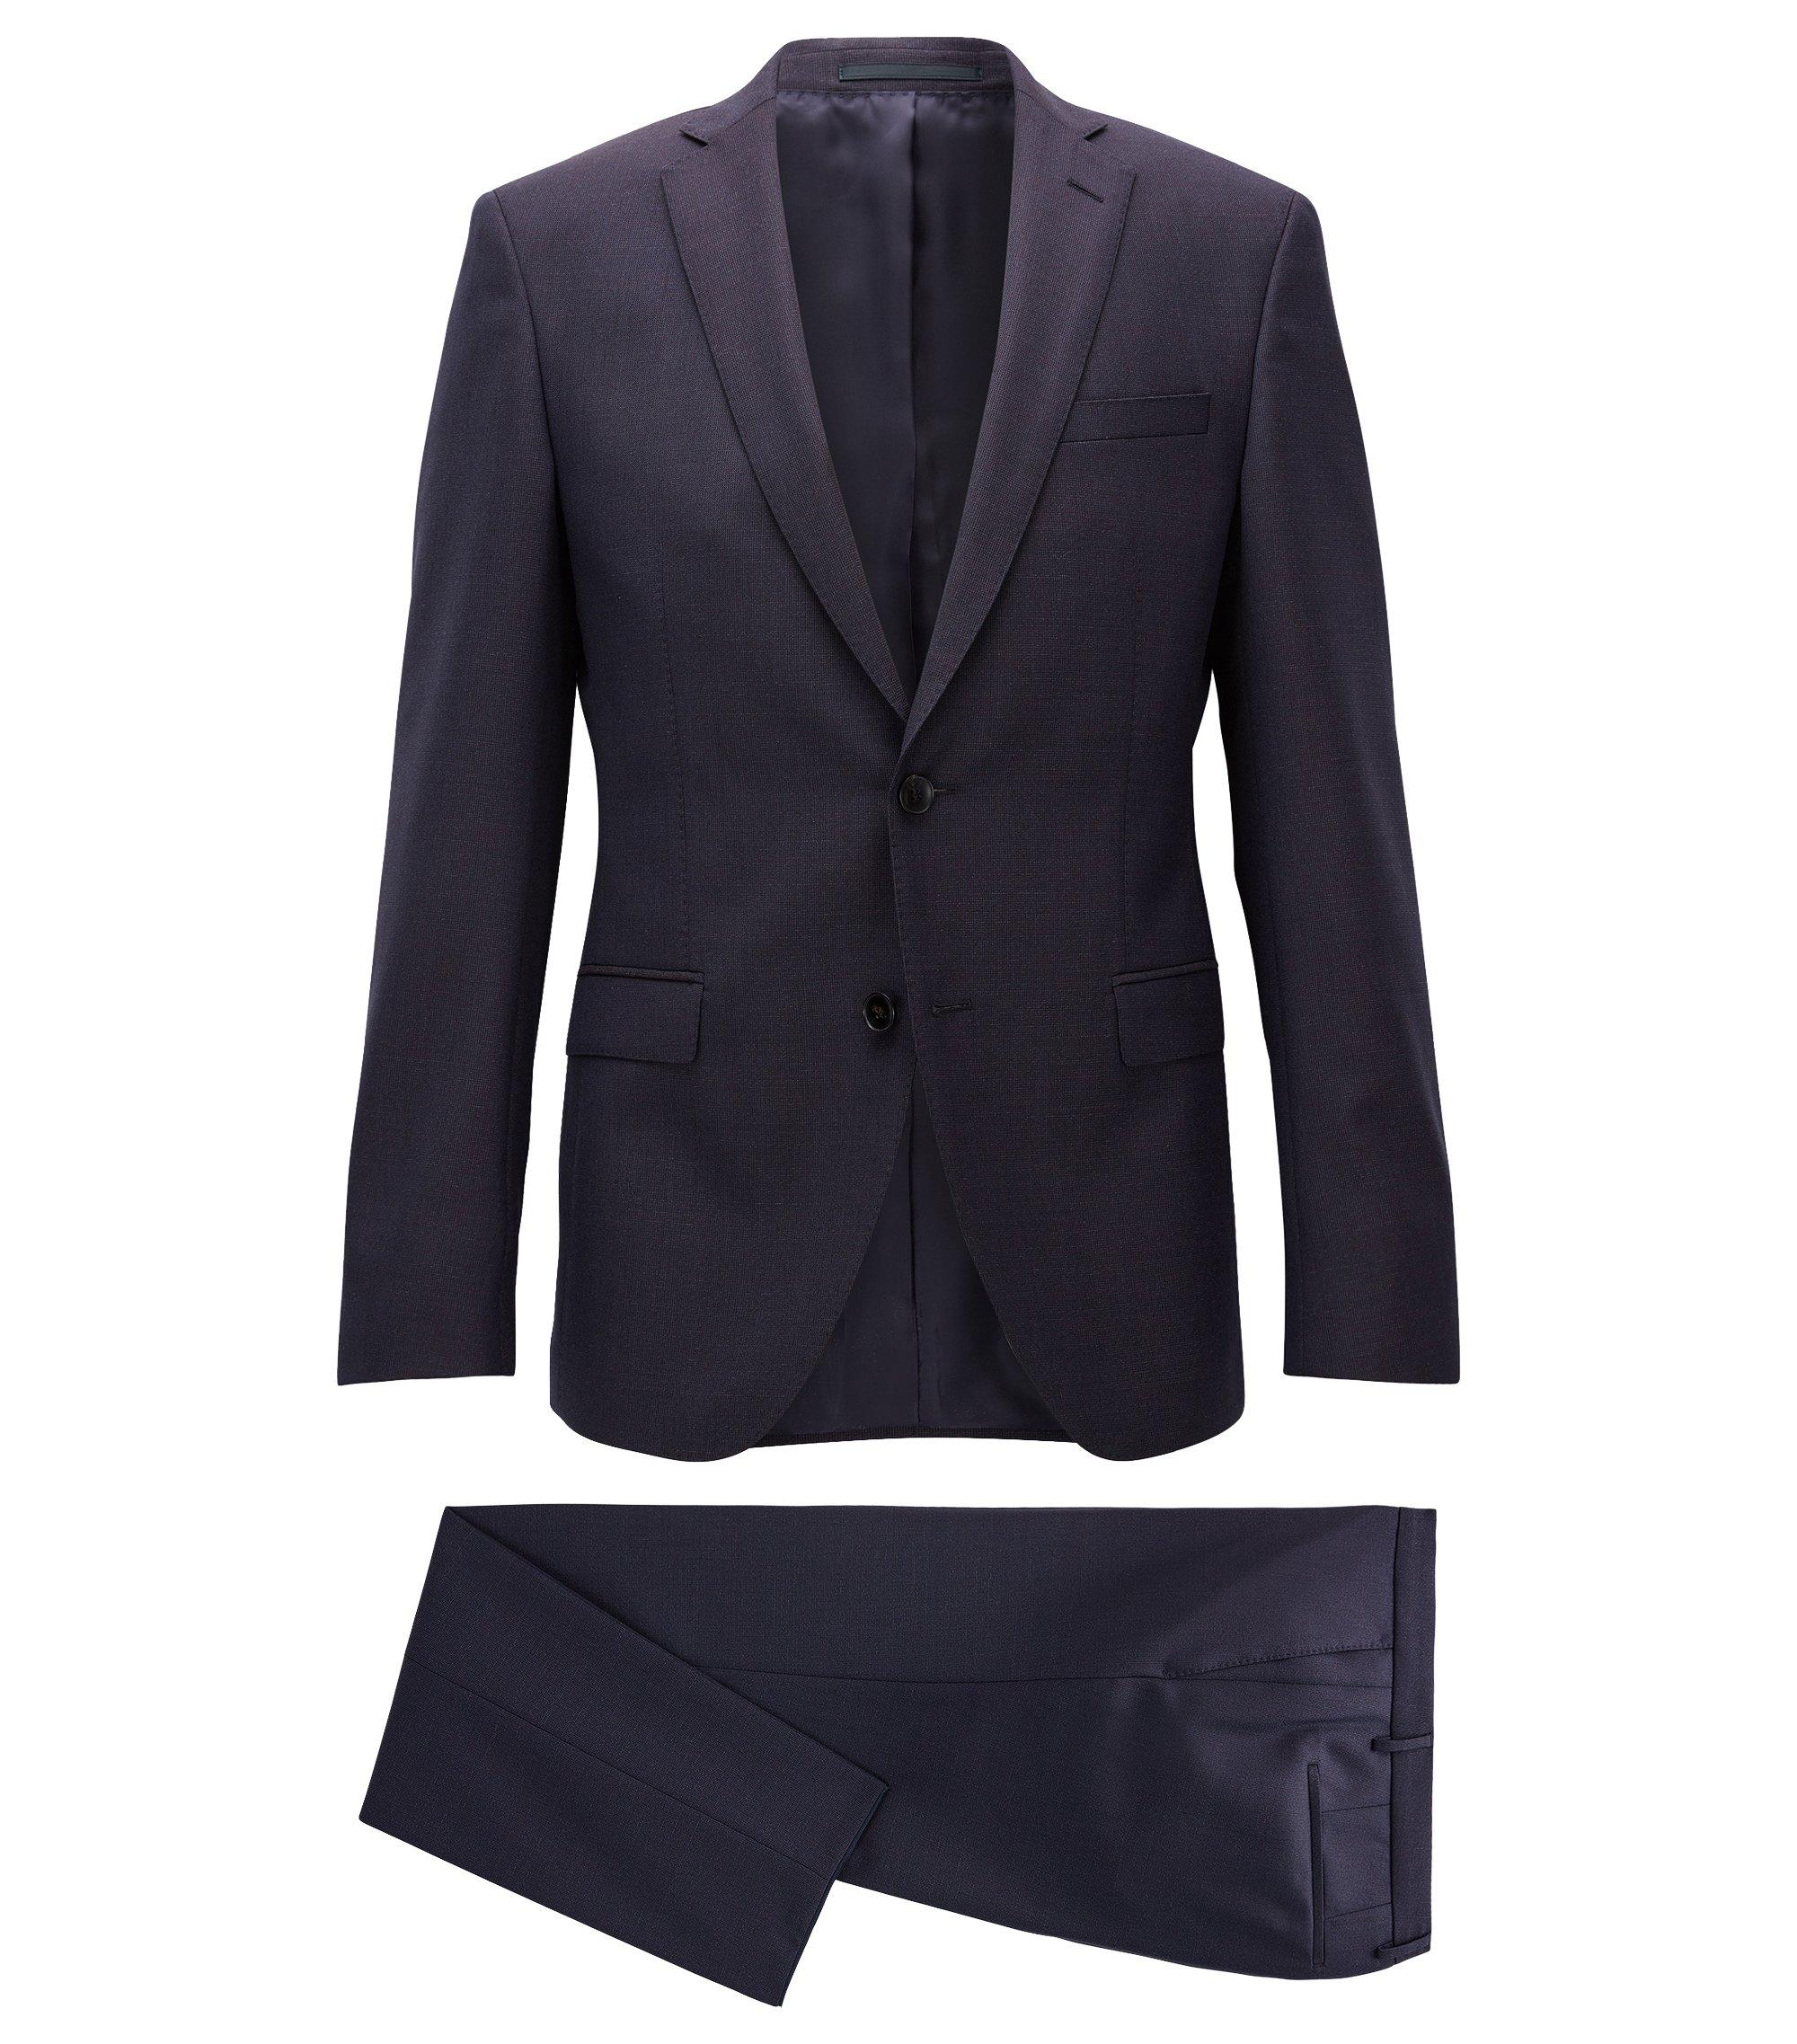 Italian Virgin Wool Suit, Extra Slim Fit | Reyno/Wave, Dark Red